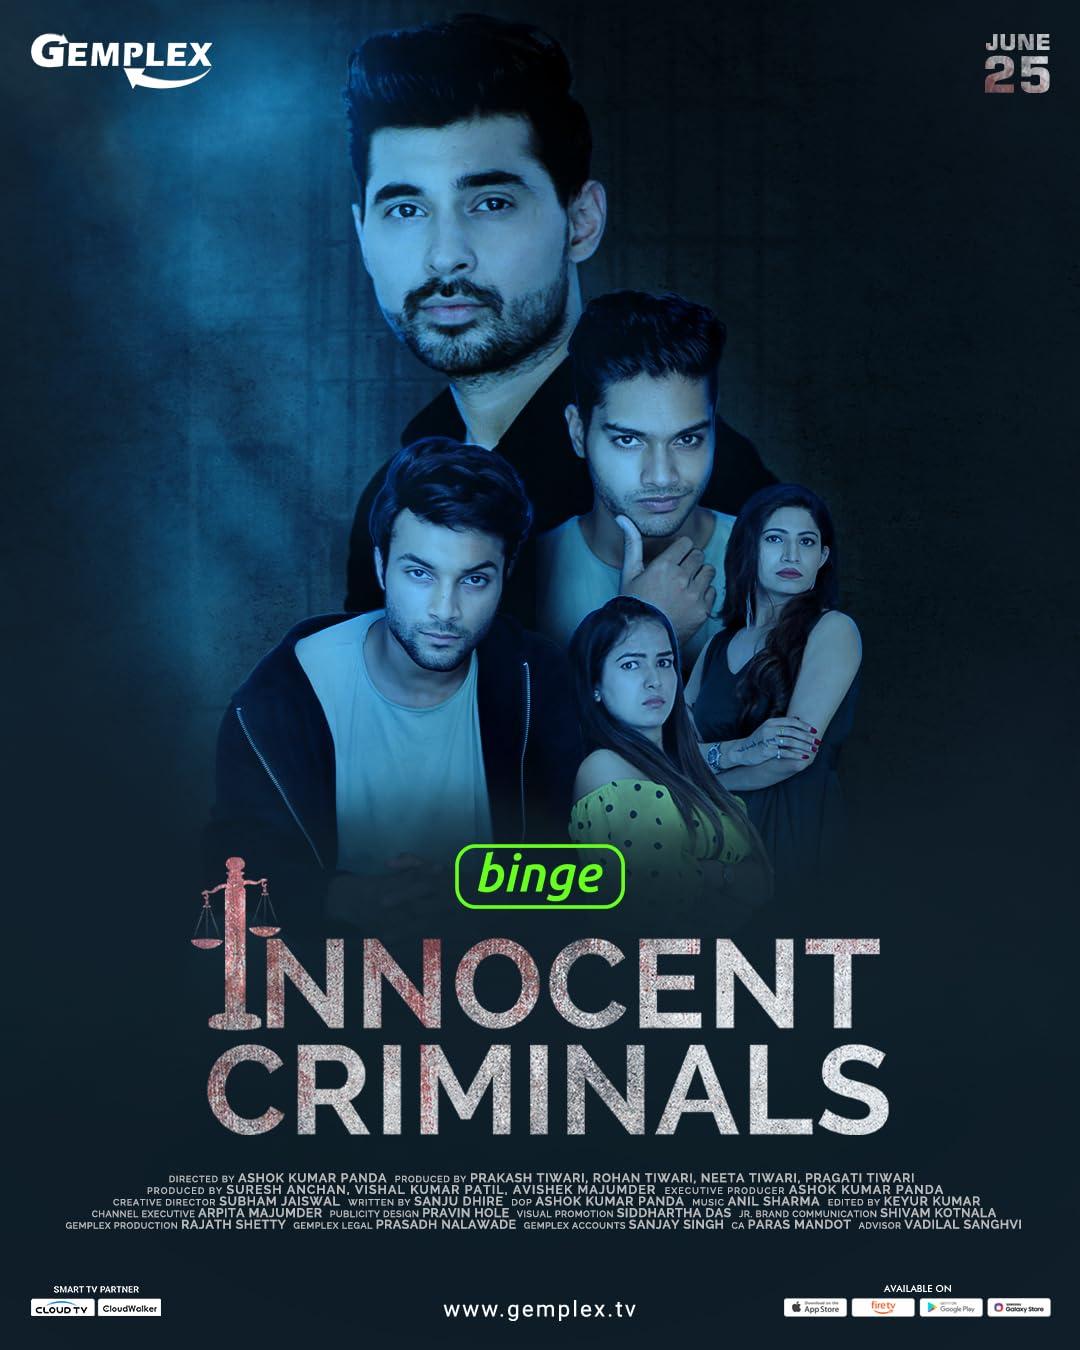 18+ Innocent Criminals 2021 Hindi S01 Complete Gemplex Original Web Series 720p HDRip 400MB x264 AAC